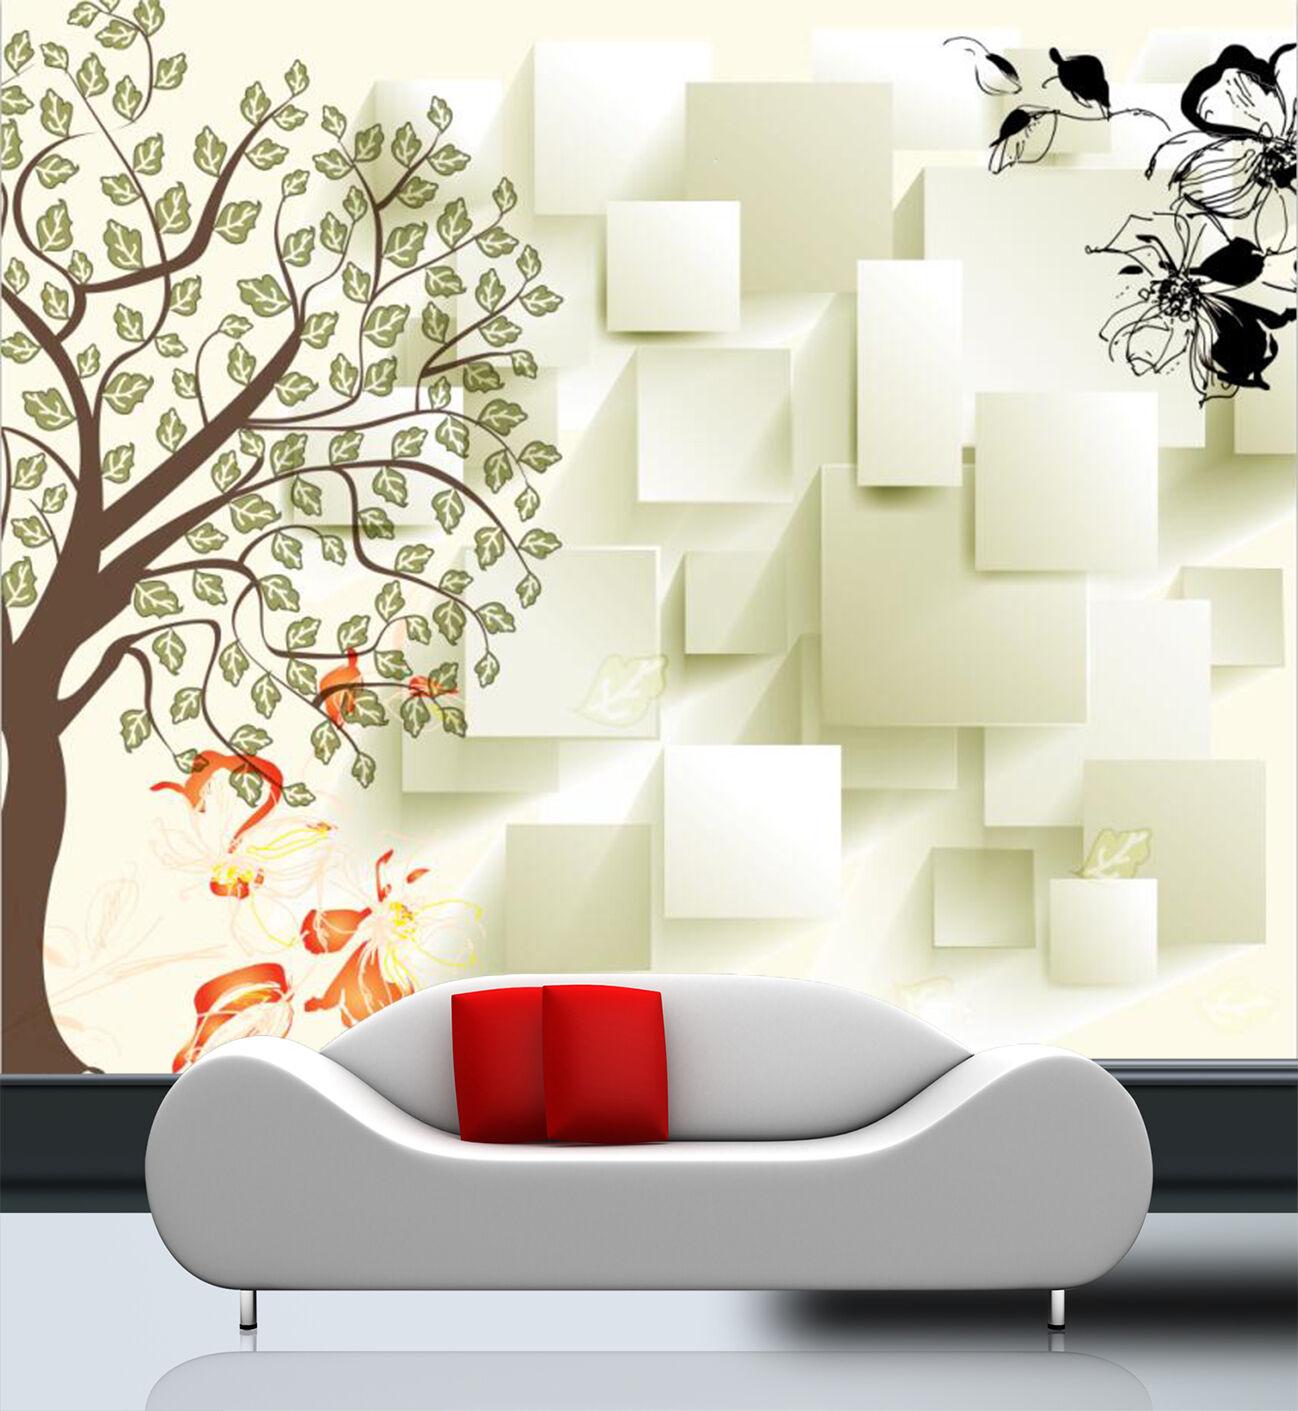 3D Simple Tree Flowers 102 Wall Paper Wall Print Decal Wall AJ WALLPAPER CA